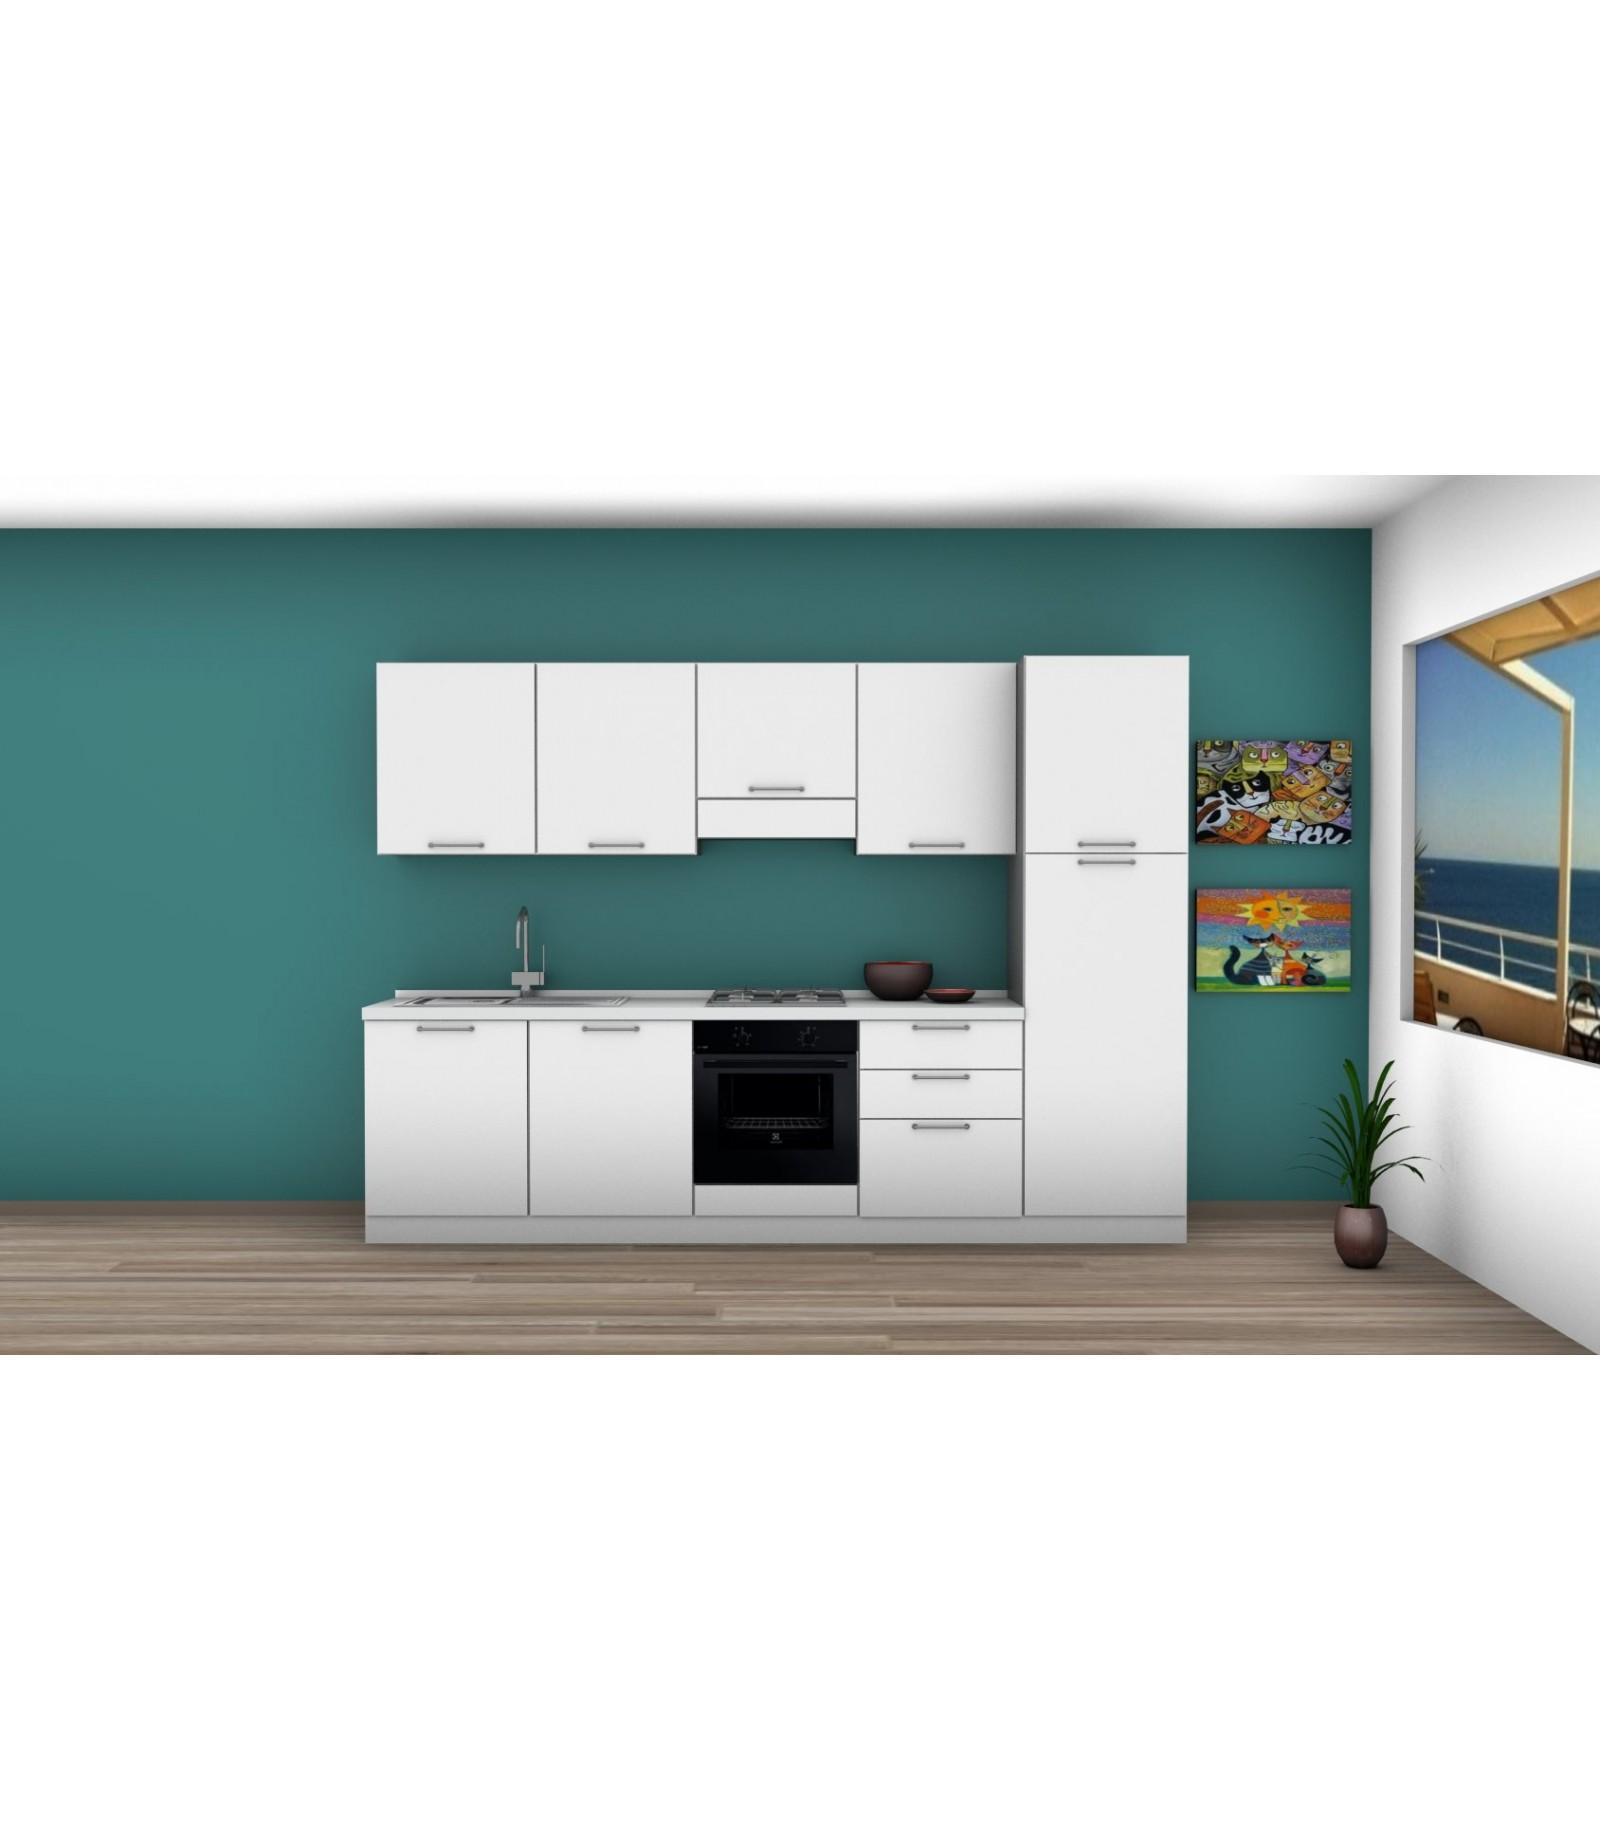 Cucina 07 lunghezza 300 cm mariotti casa - Lunghezza cucina ...